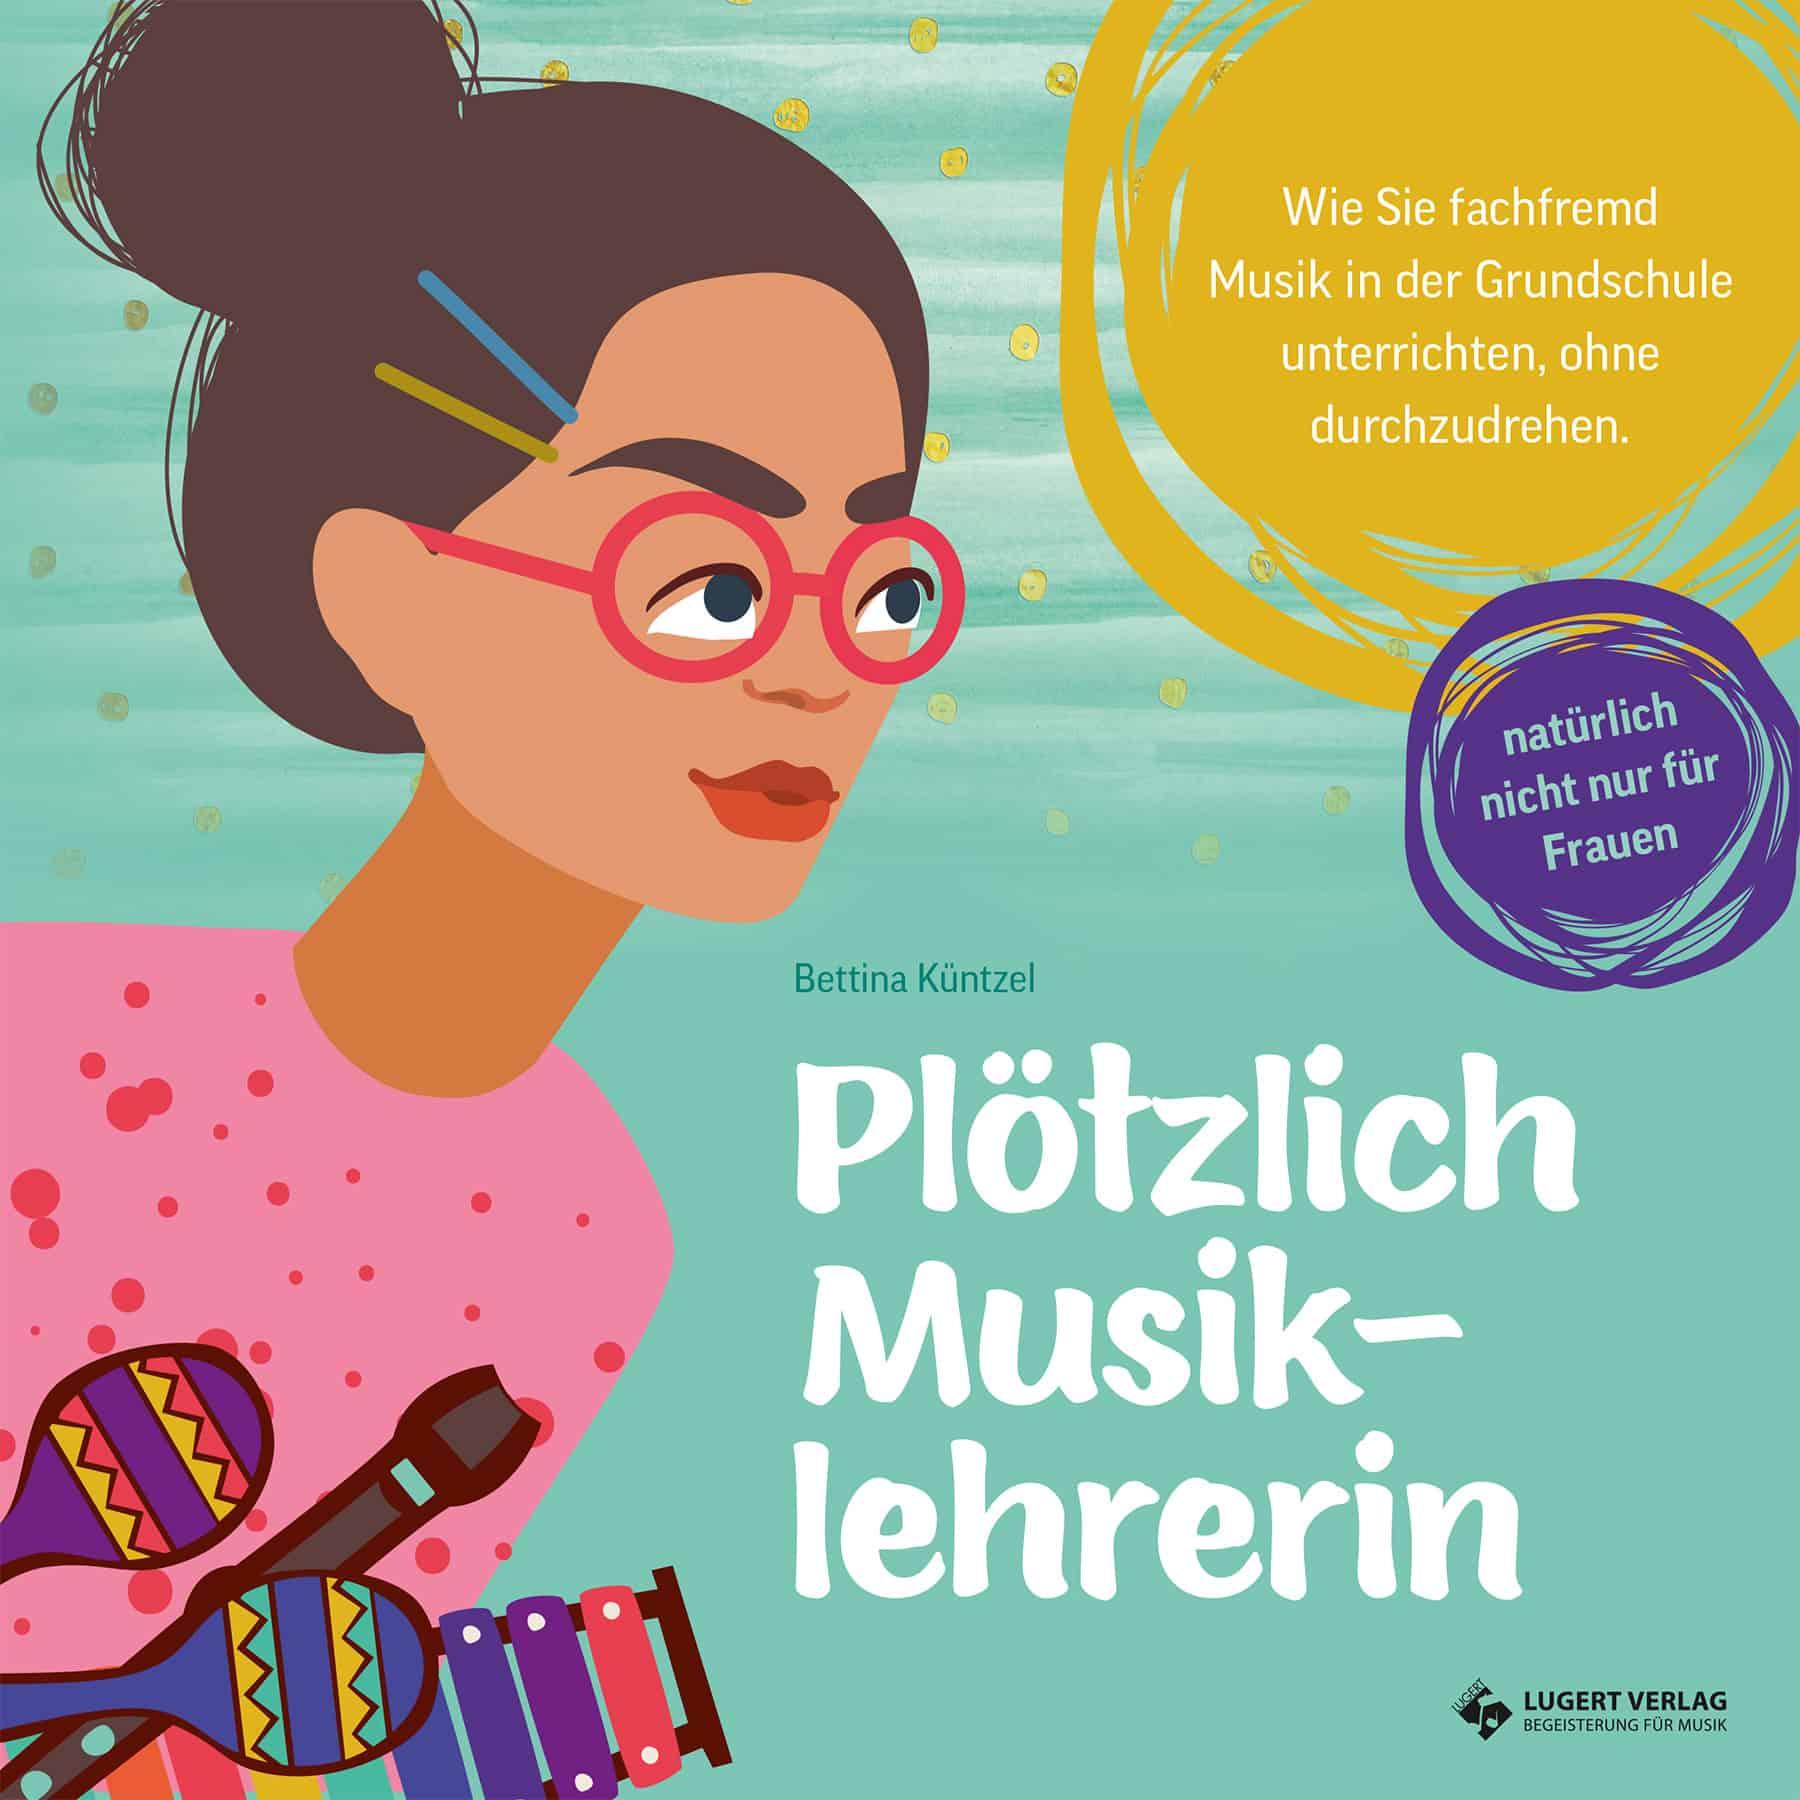 musik fachfremd unterrichten